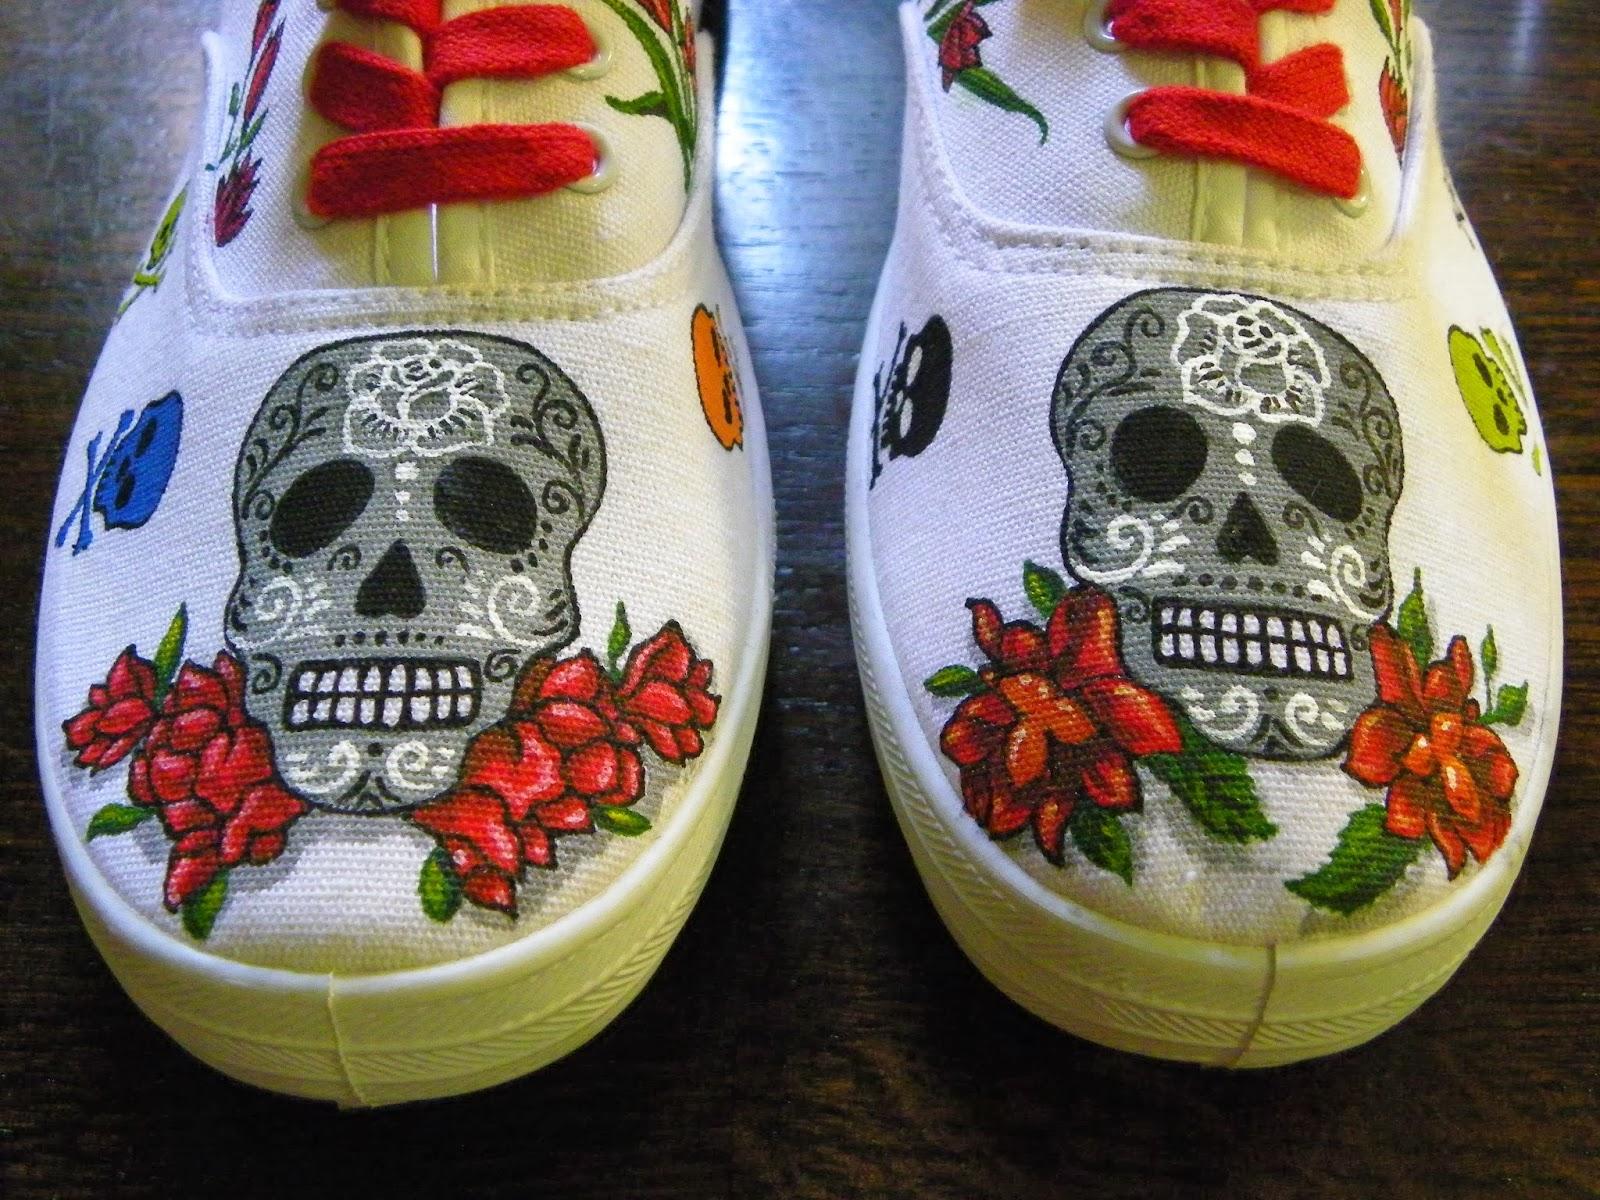 DISEÑOS DE CALAVERAS tattoos color flores etc Jimdo - Imagenes De Calaveras Con Rosas